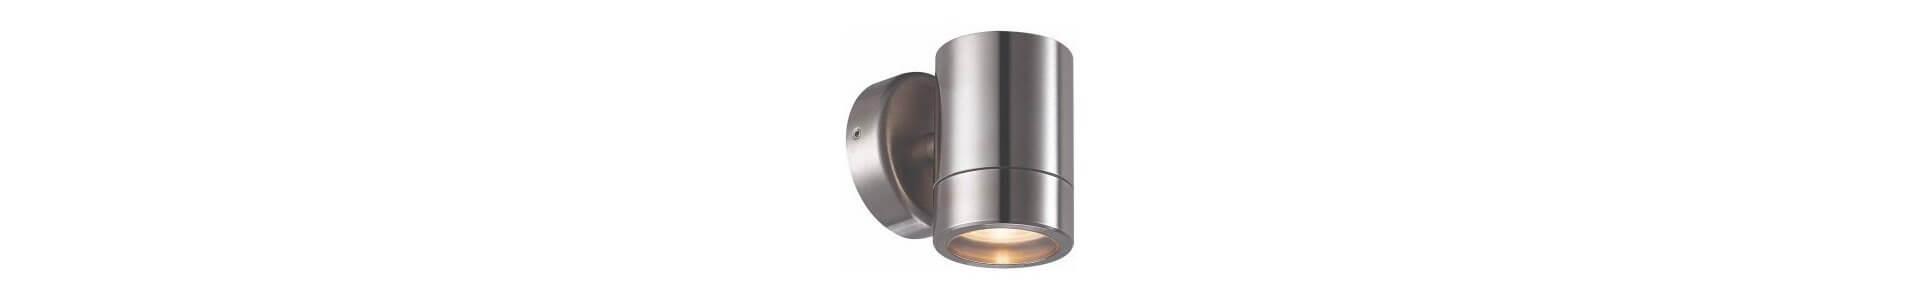 Upp eller Nedljus lampor